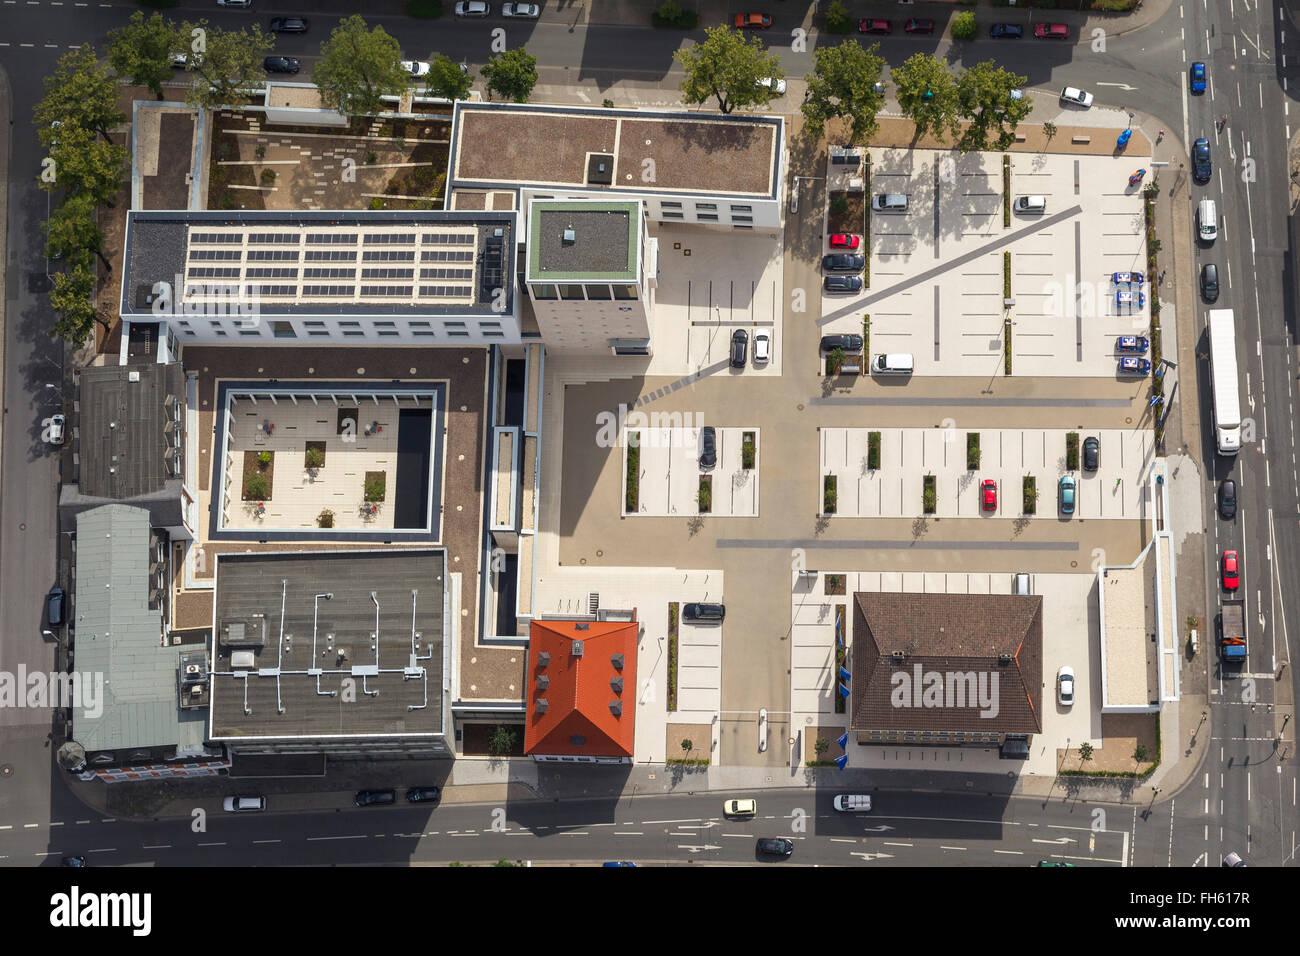 Aerial view, Volksbank members oasis, new Bismarckstrasse, Hamm, Ruhr Area, North Rhine Westphalia, Germany, Europe, - Stock Image